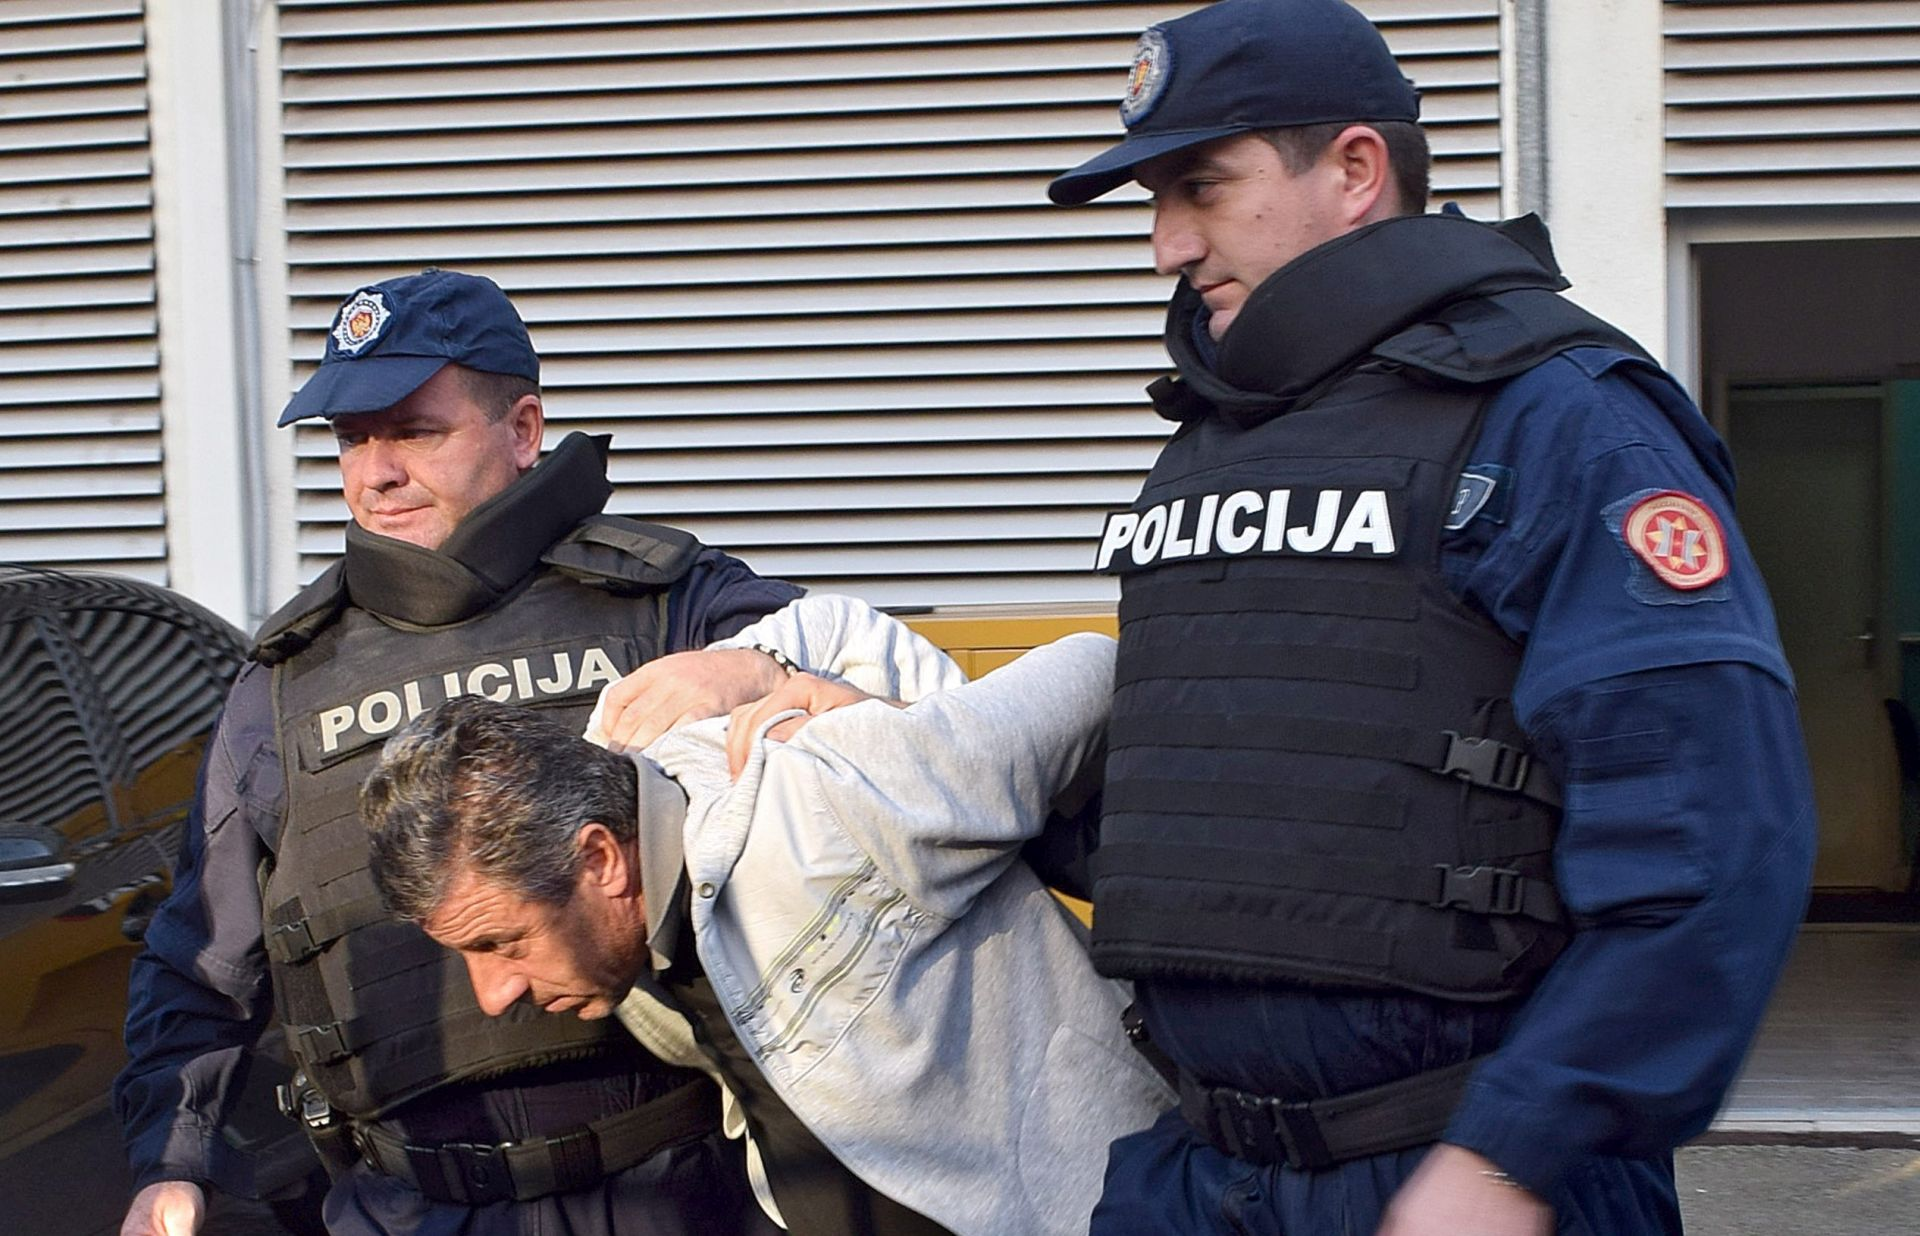 Crnogorsko tužiteljstvo traži od Rusije saslušanje dvojice osumnjičenih za terorizam